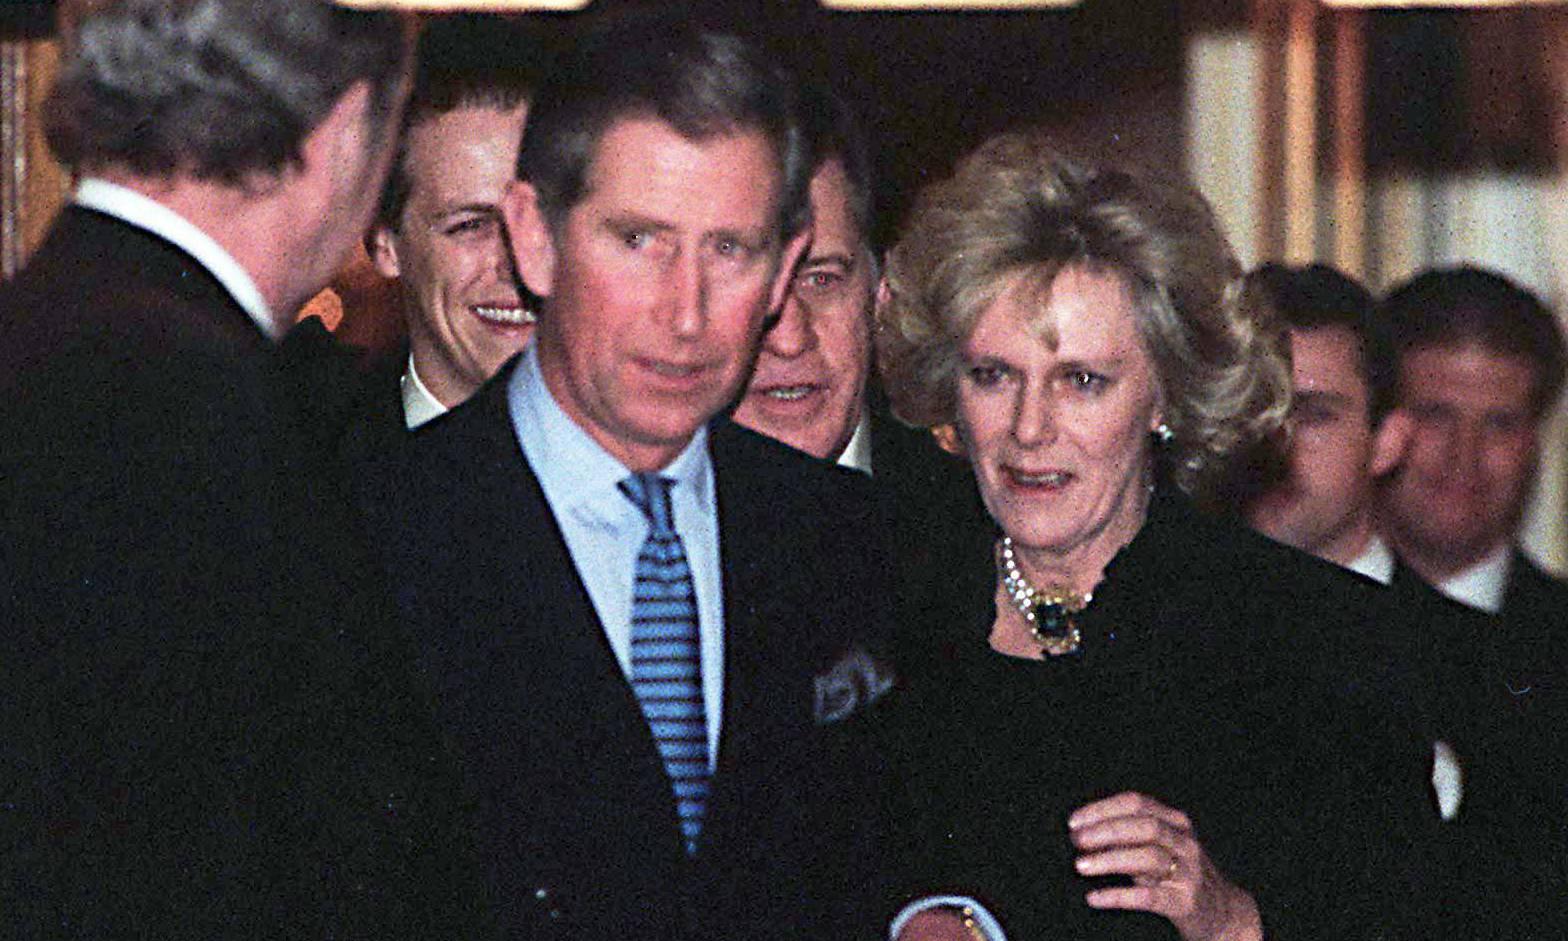 Operacion Ritz Asi Fue El Debut Del Principe Carlos Y Camilla Parker